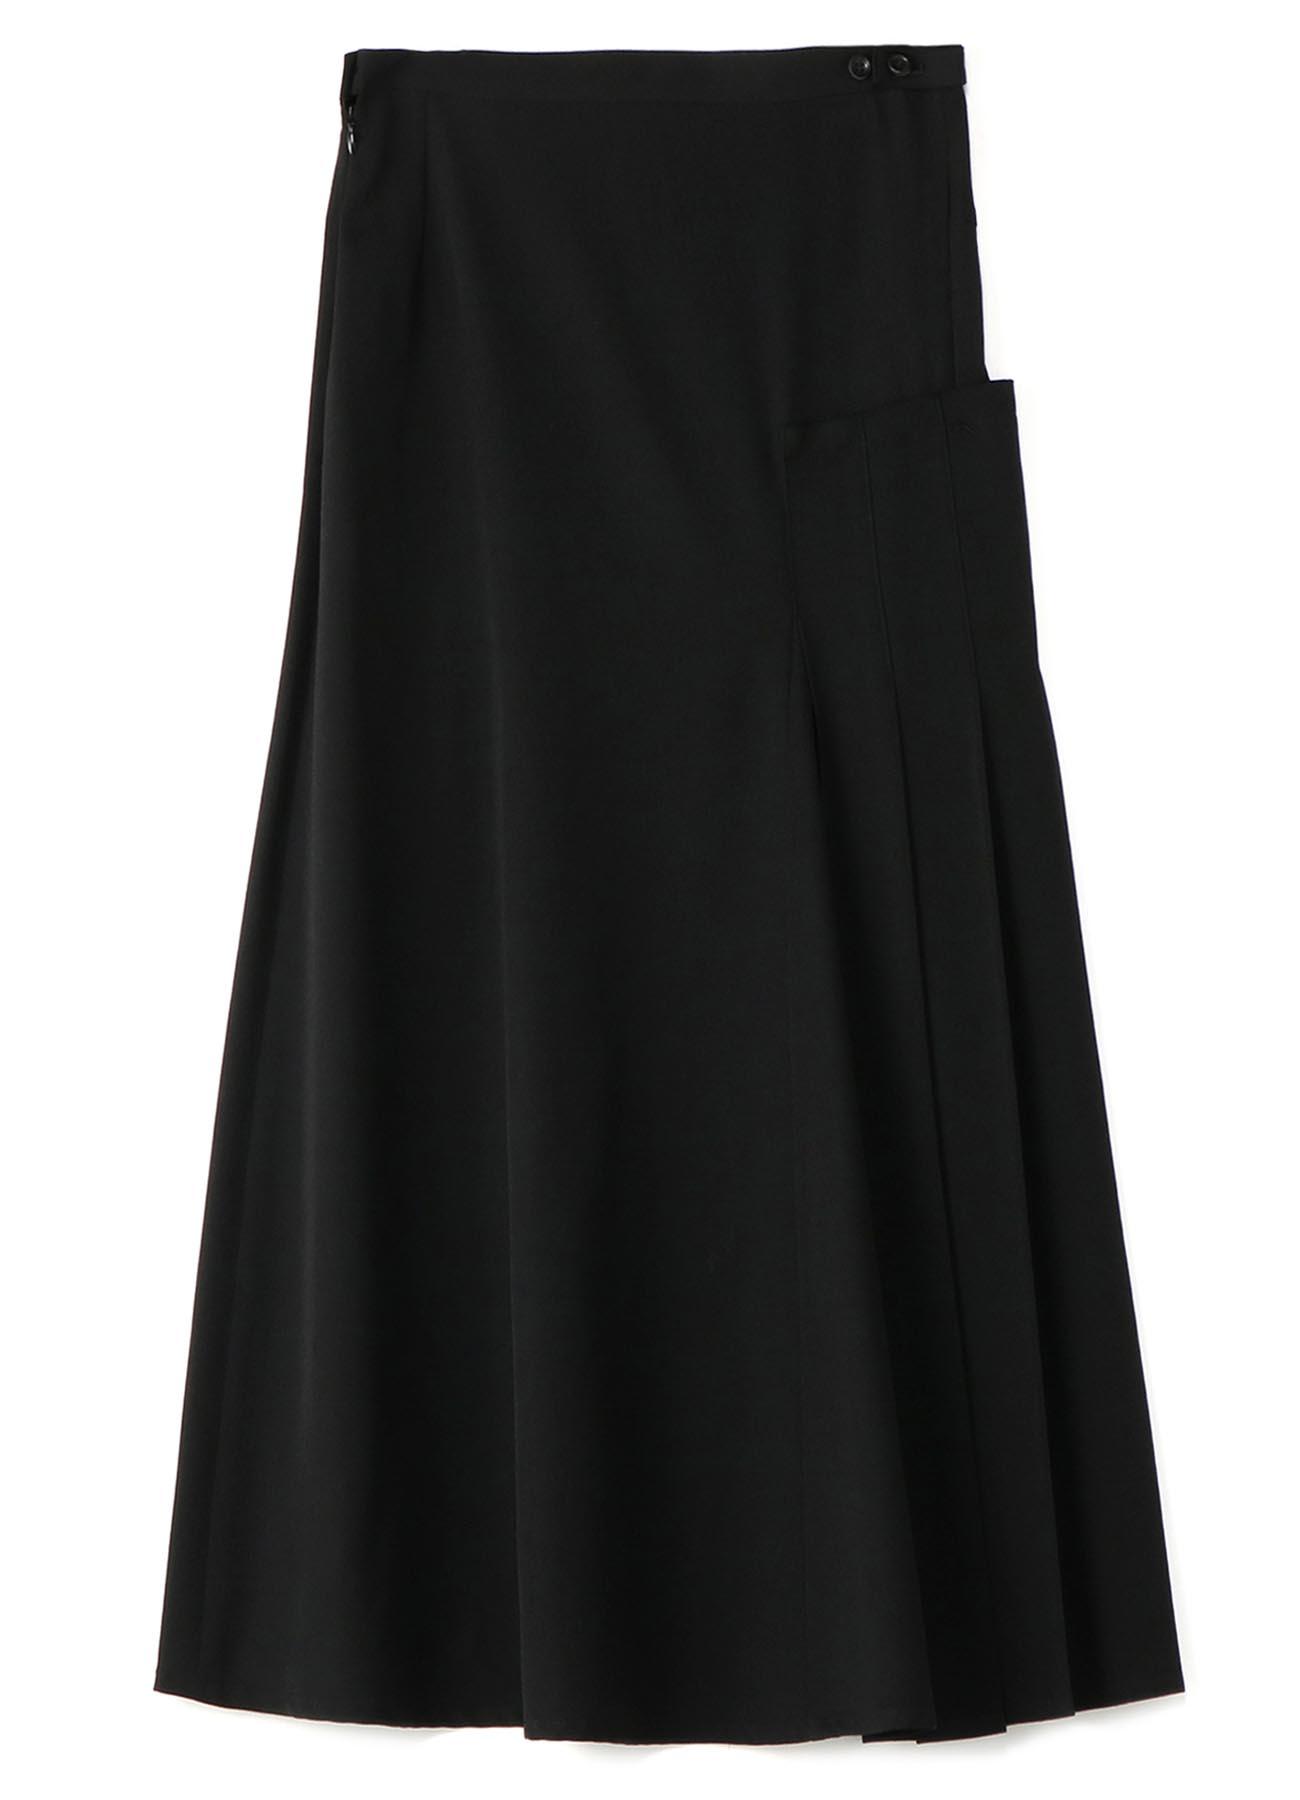 シワギャバ右脇プリーツスカート